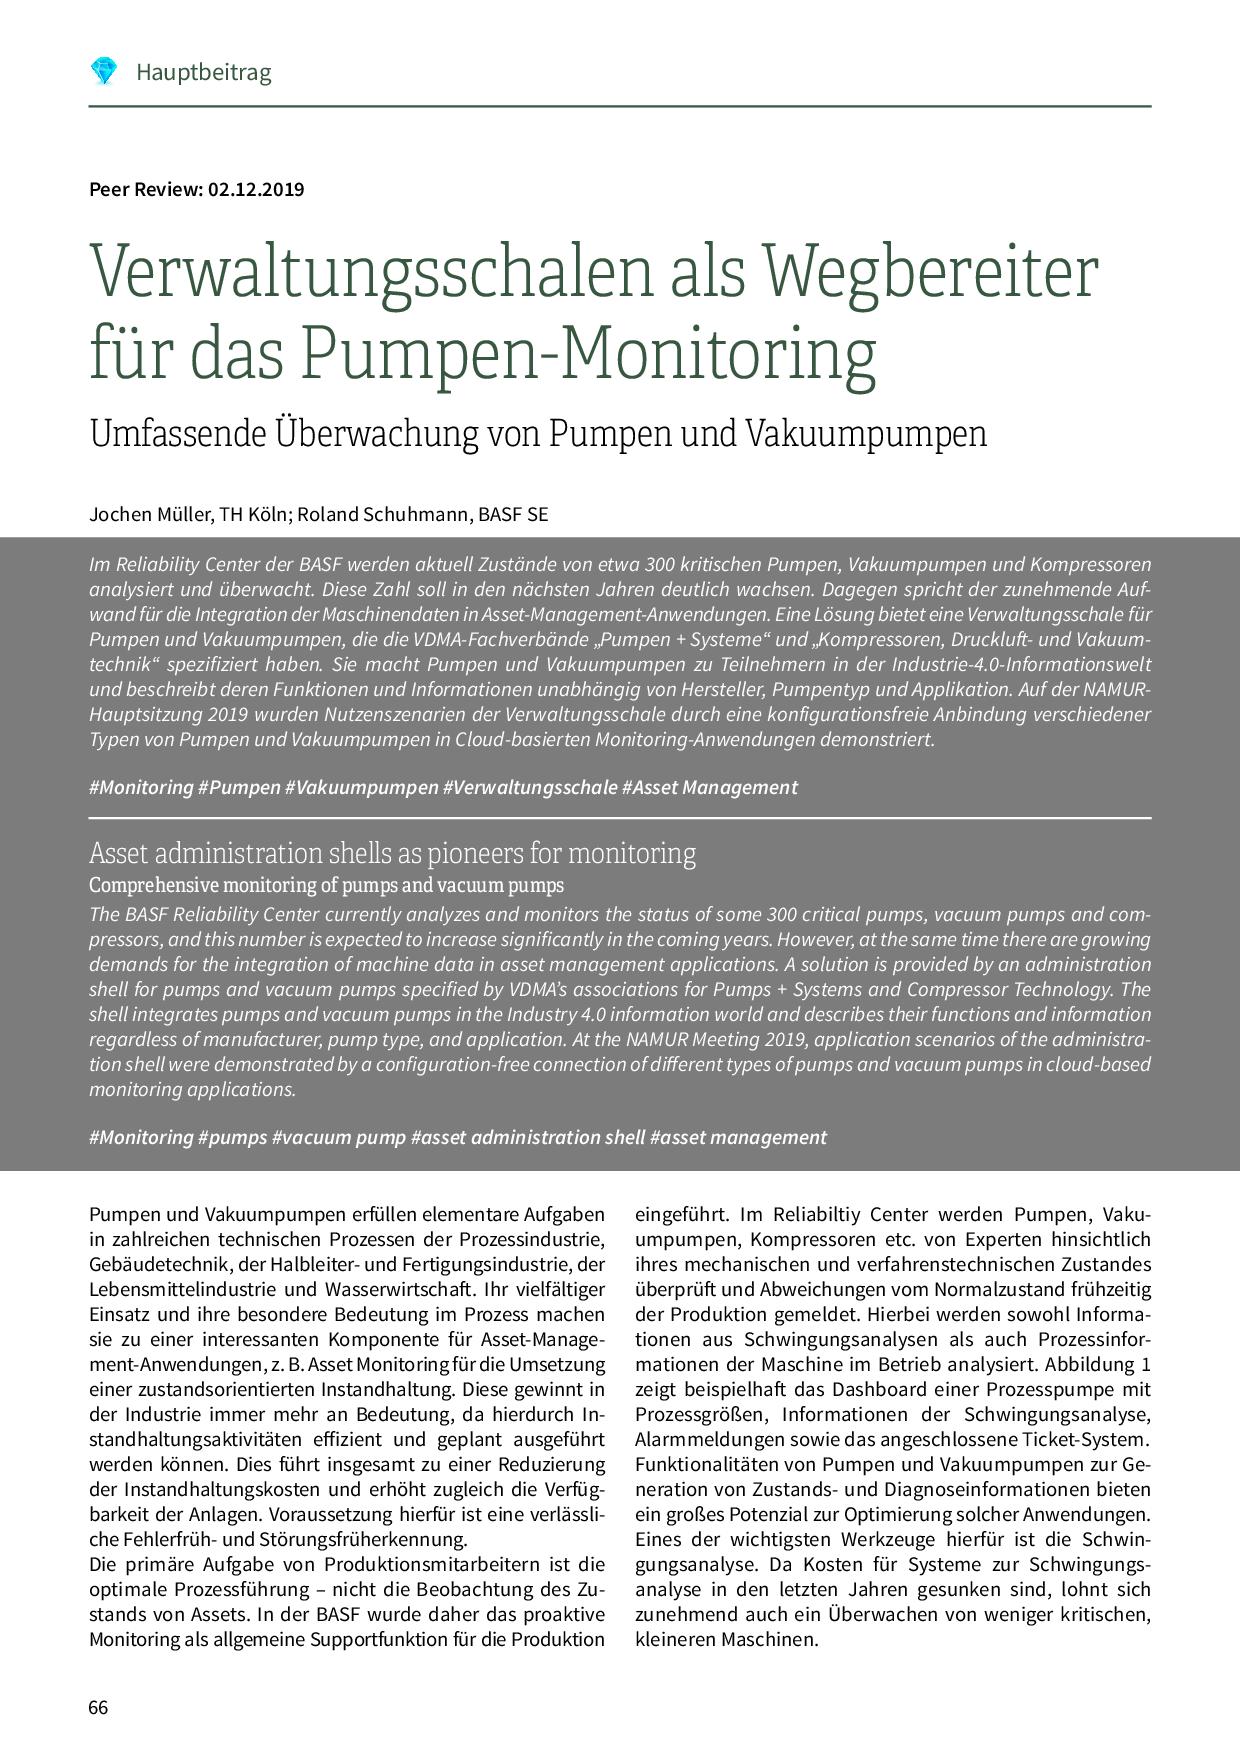 Verwaltungsschalen als Wegbereiter für das Monitoring